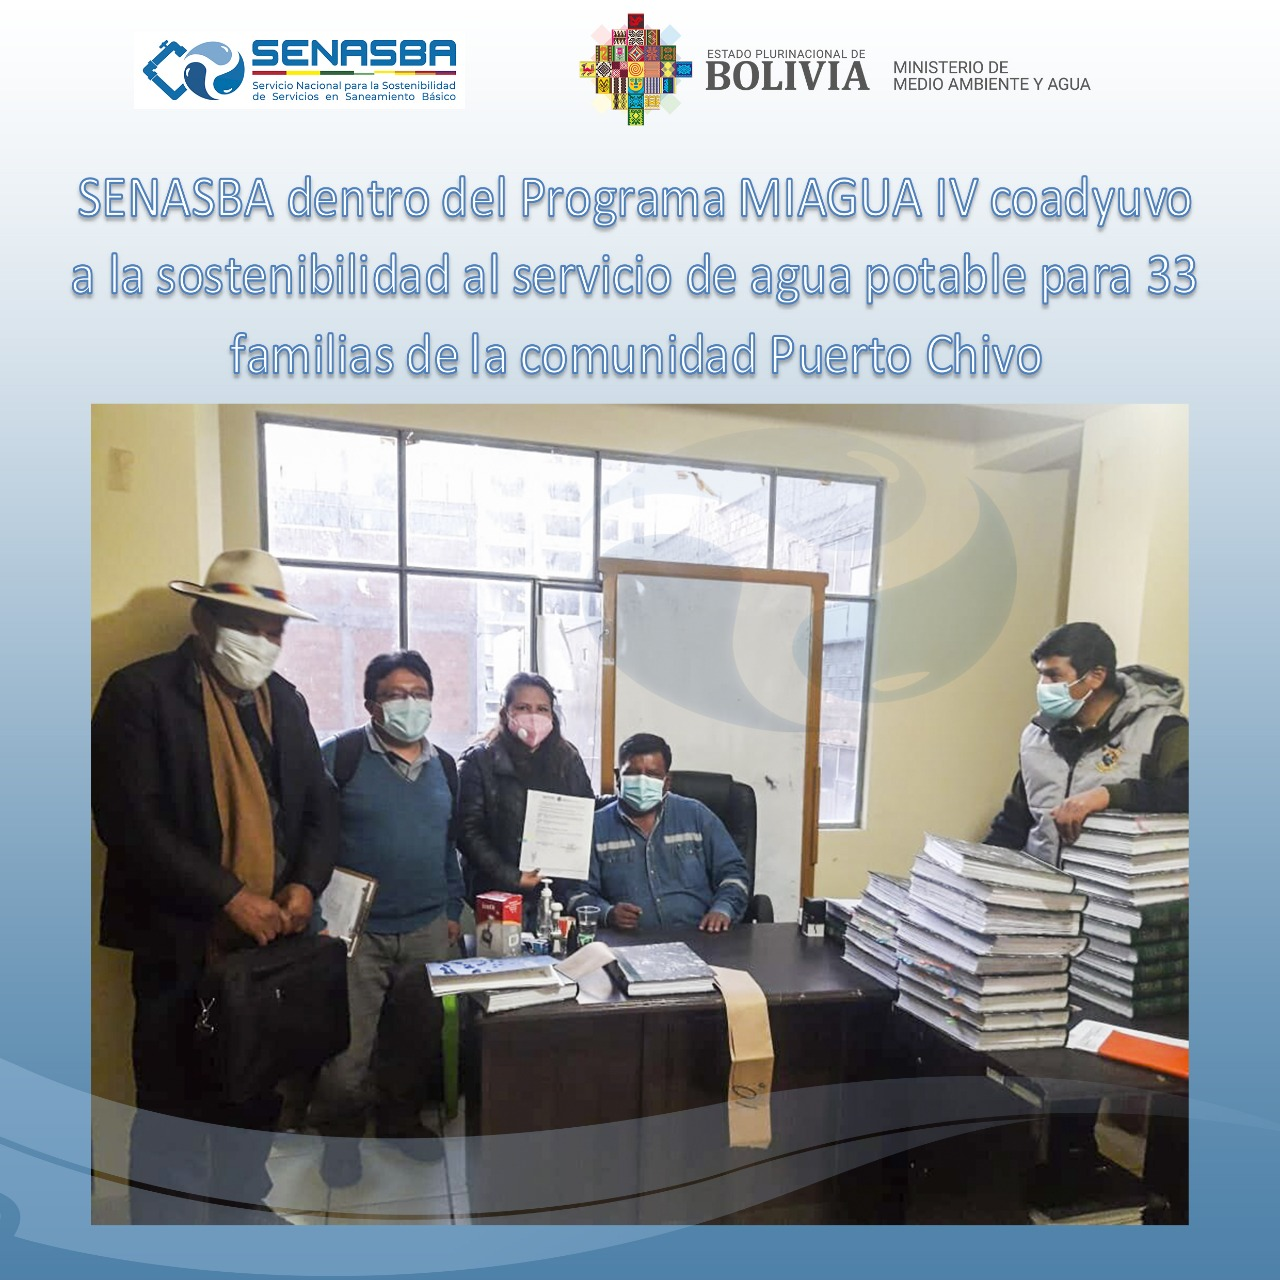 """SENASBA DENTRO DEL PROGRAMA MIAGUA IV """"PUERTO CHIVO"""""""